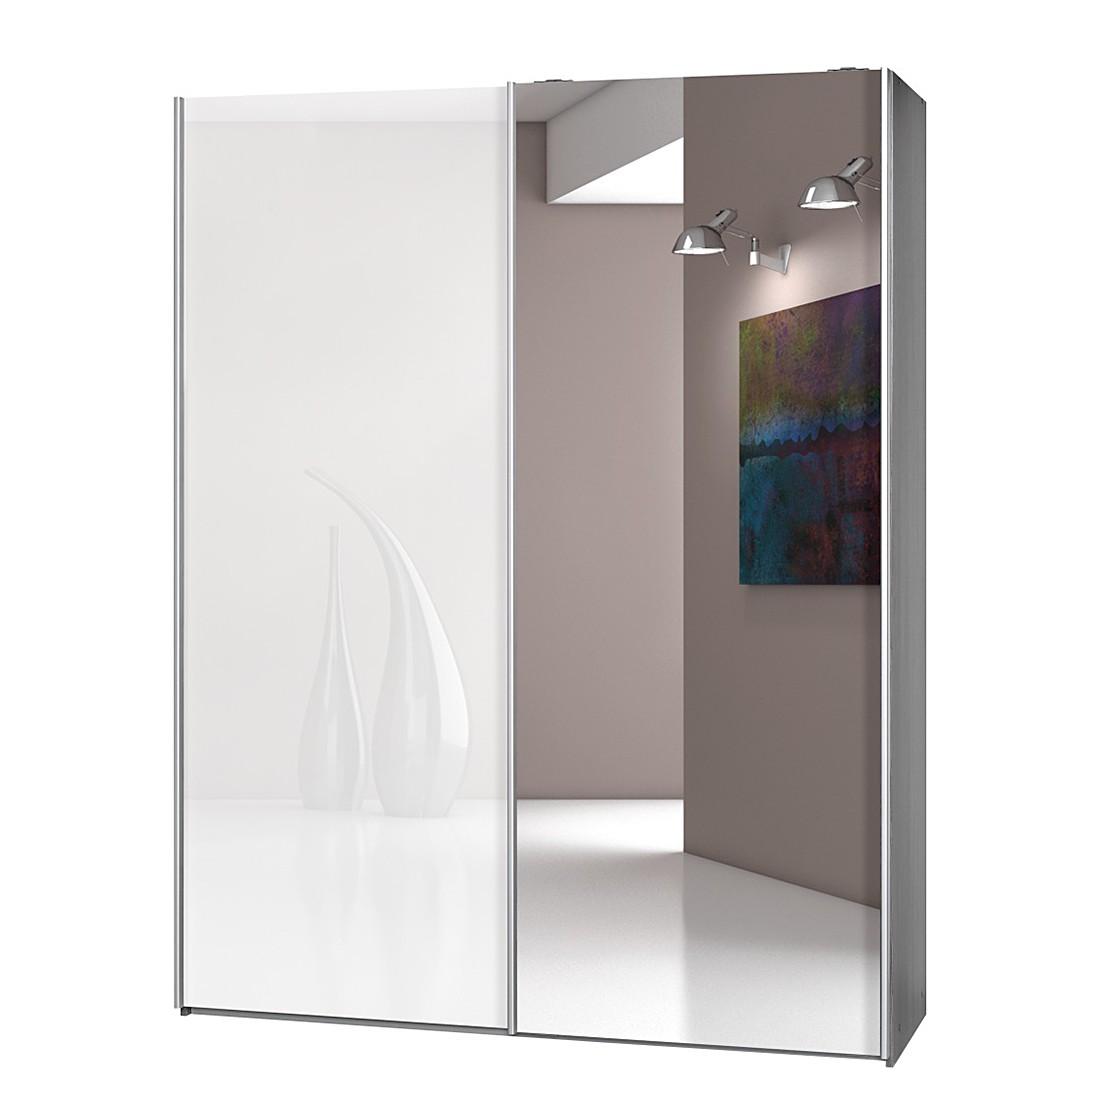 schwebet renschrank 150 cm preisvergleich die besten angebote online kaufen. Black Bedroom Furniture Sets. Home Design Ideas